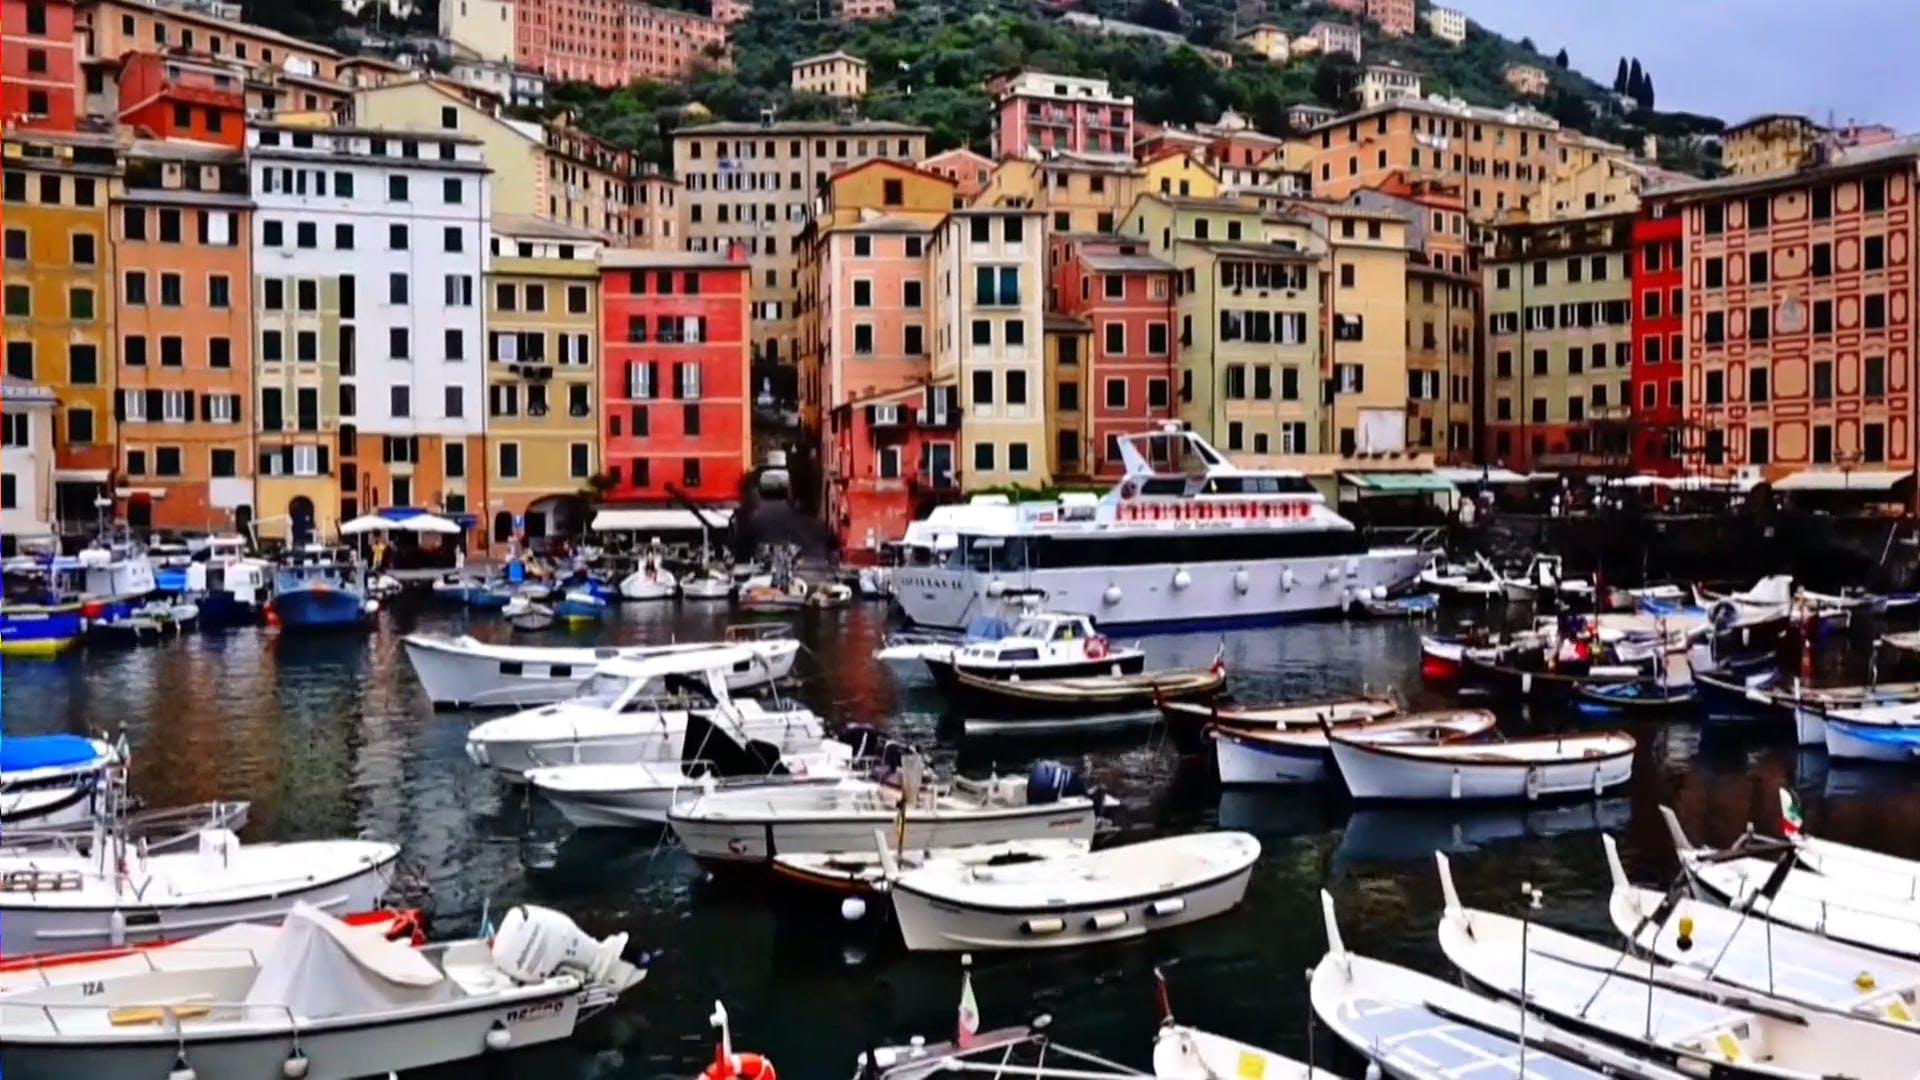 Boats Near Buildings